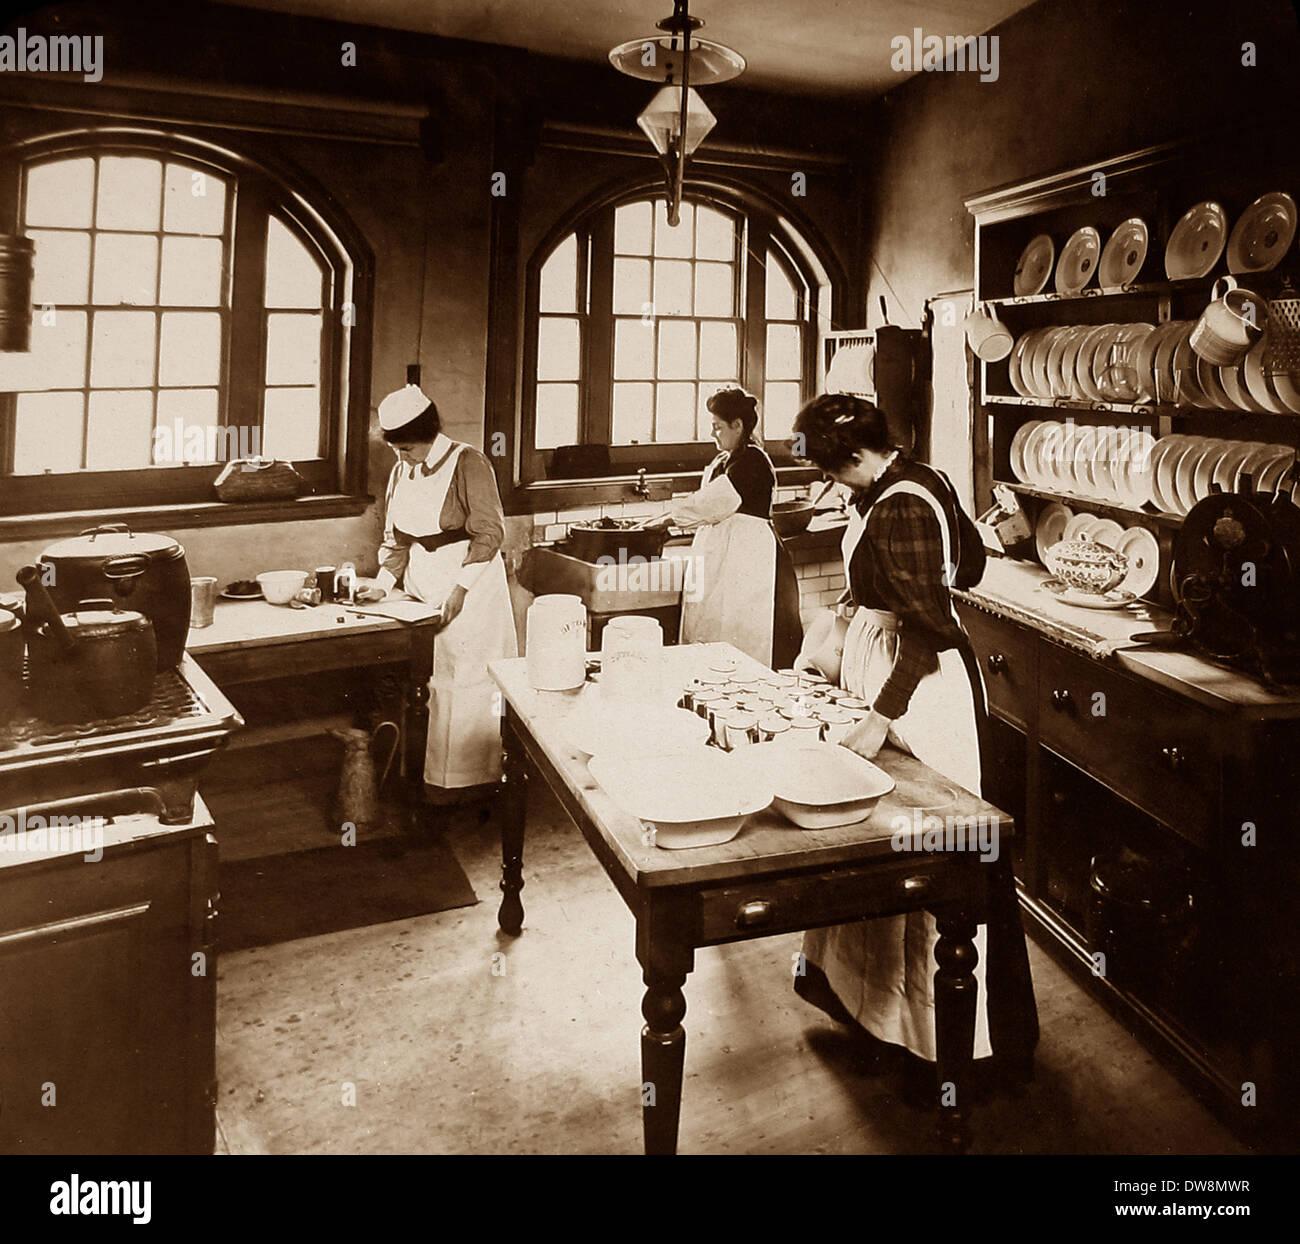 La escuela de cocina 1920/30S Imagen De Stock